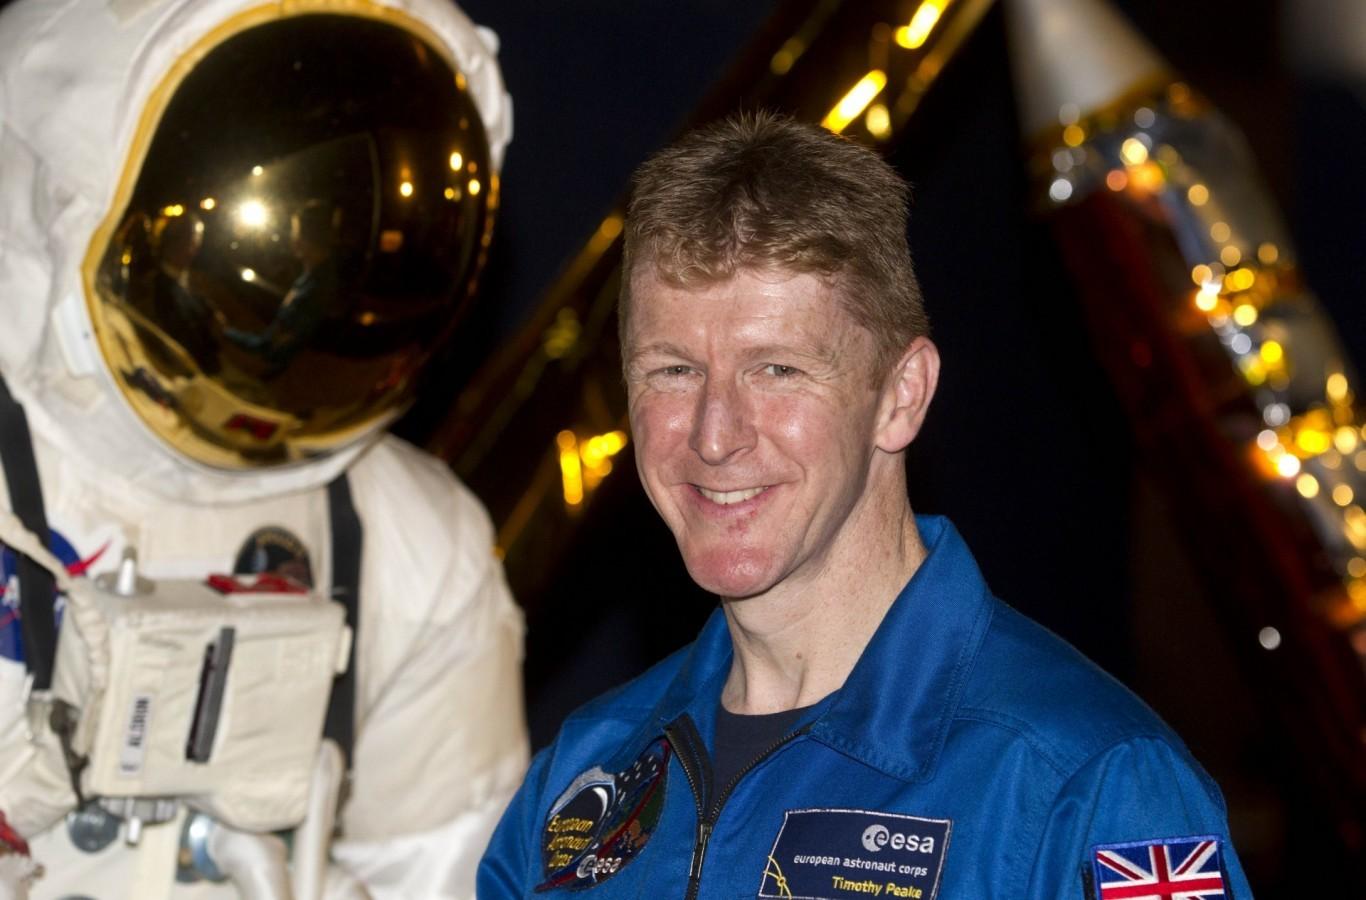 Британский астронавт по ошибке позвонил из космоса незнакомой женщине